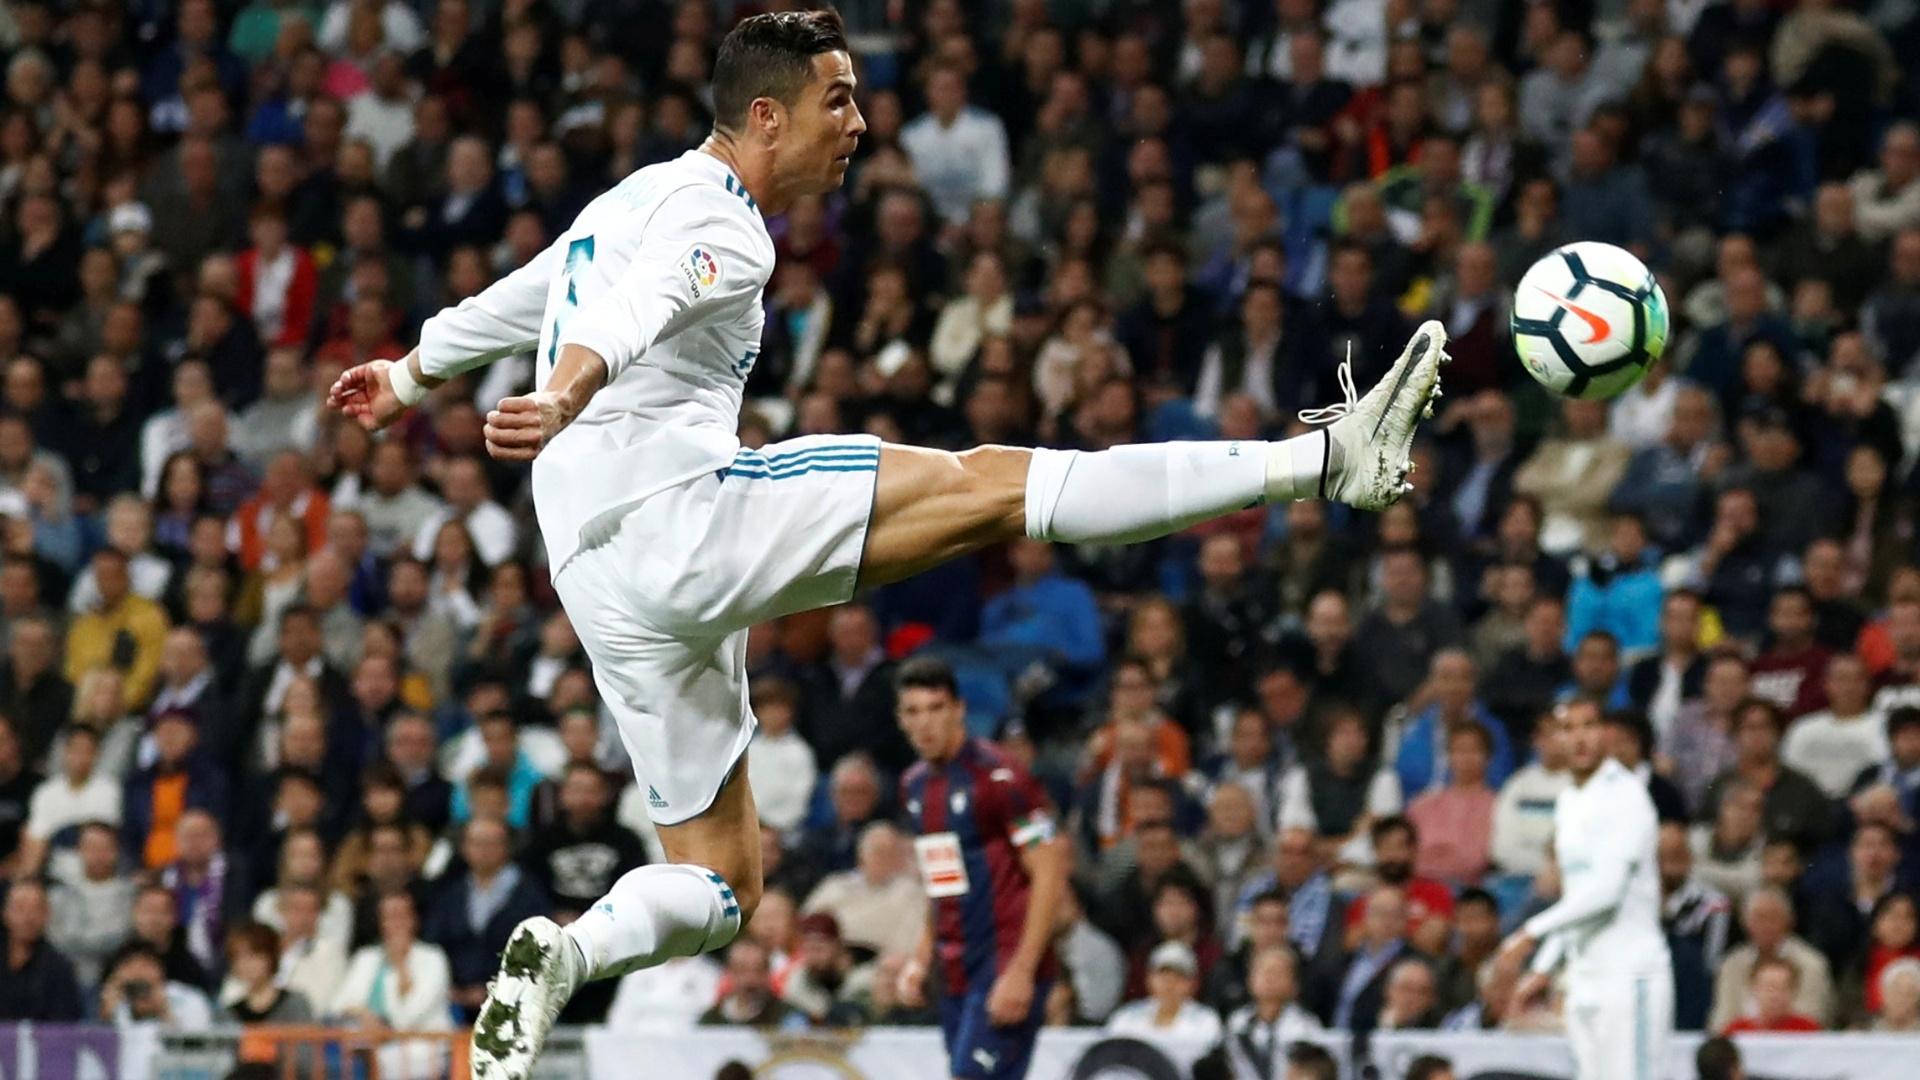 Cristiano Ronaldo se estica para alcançar a bola durante jogo do Real Madrid contra o Eibar